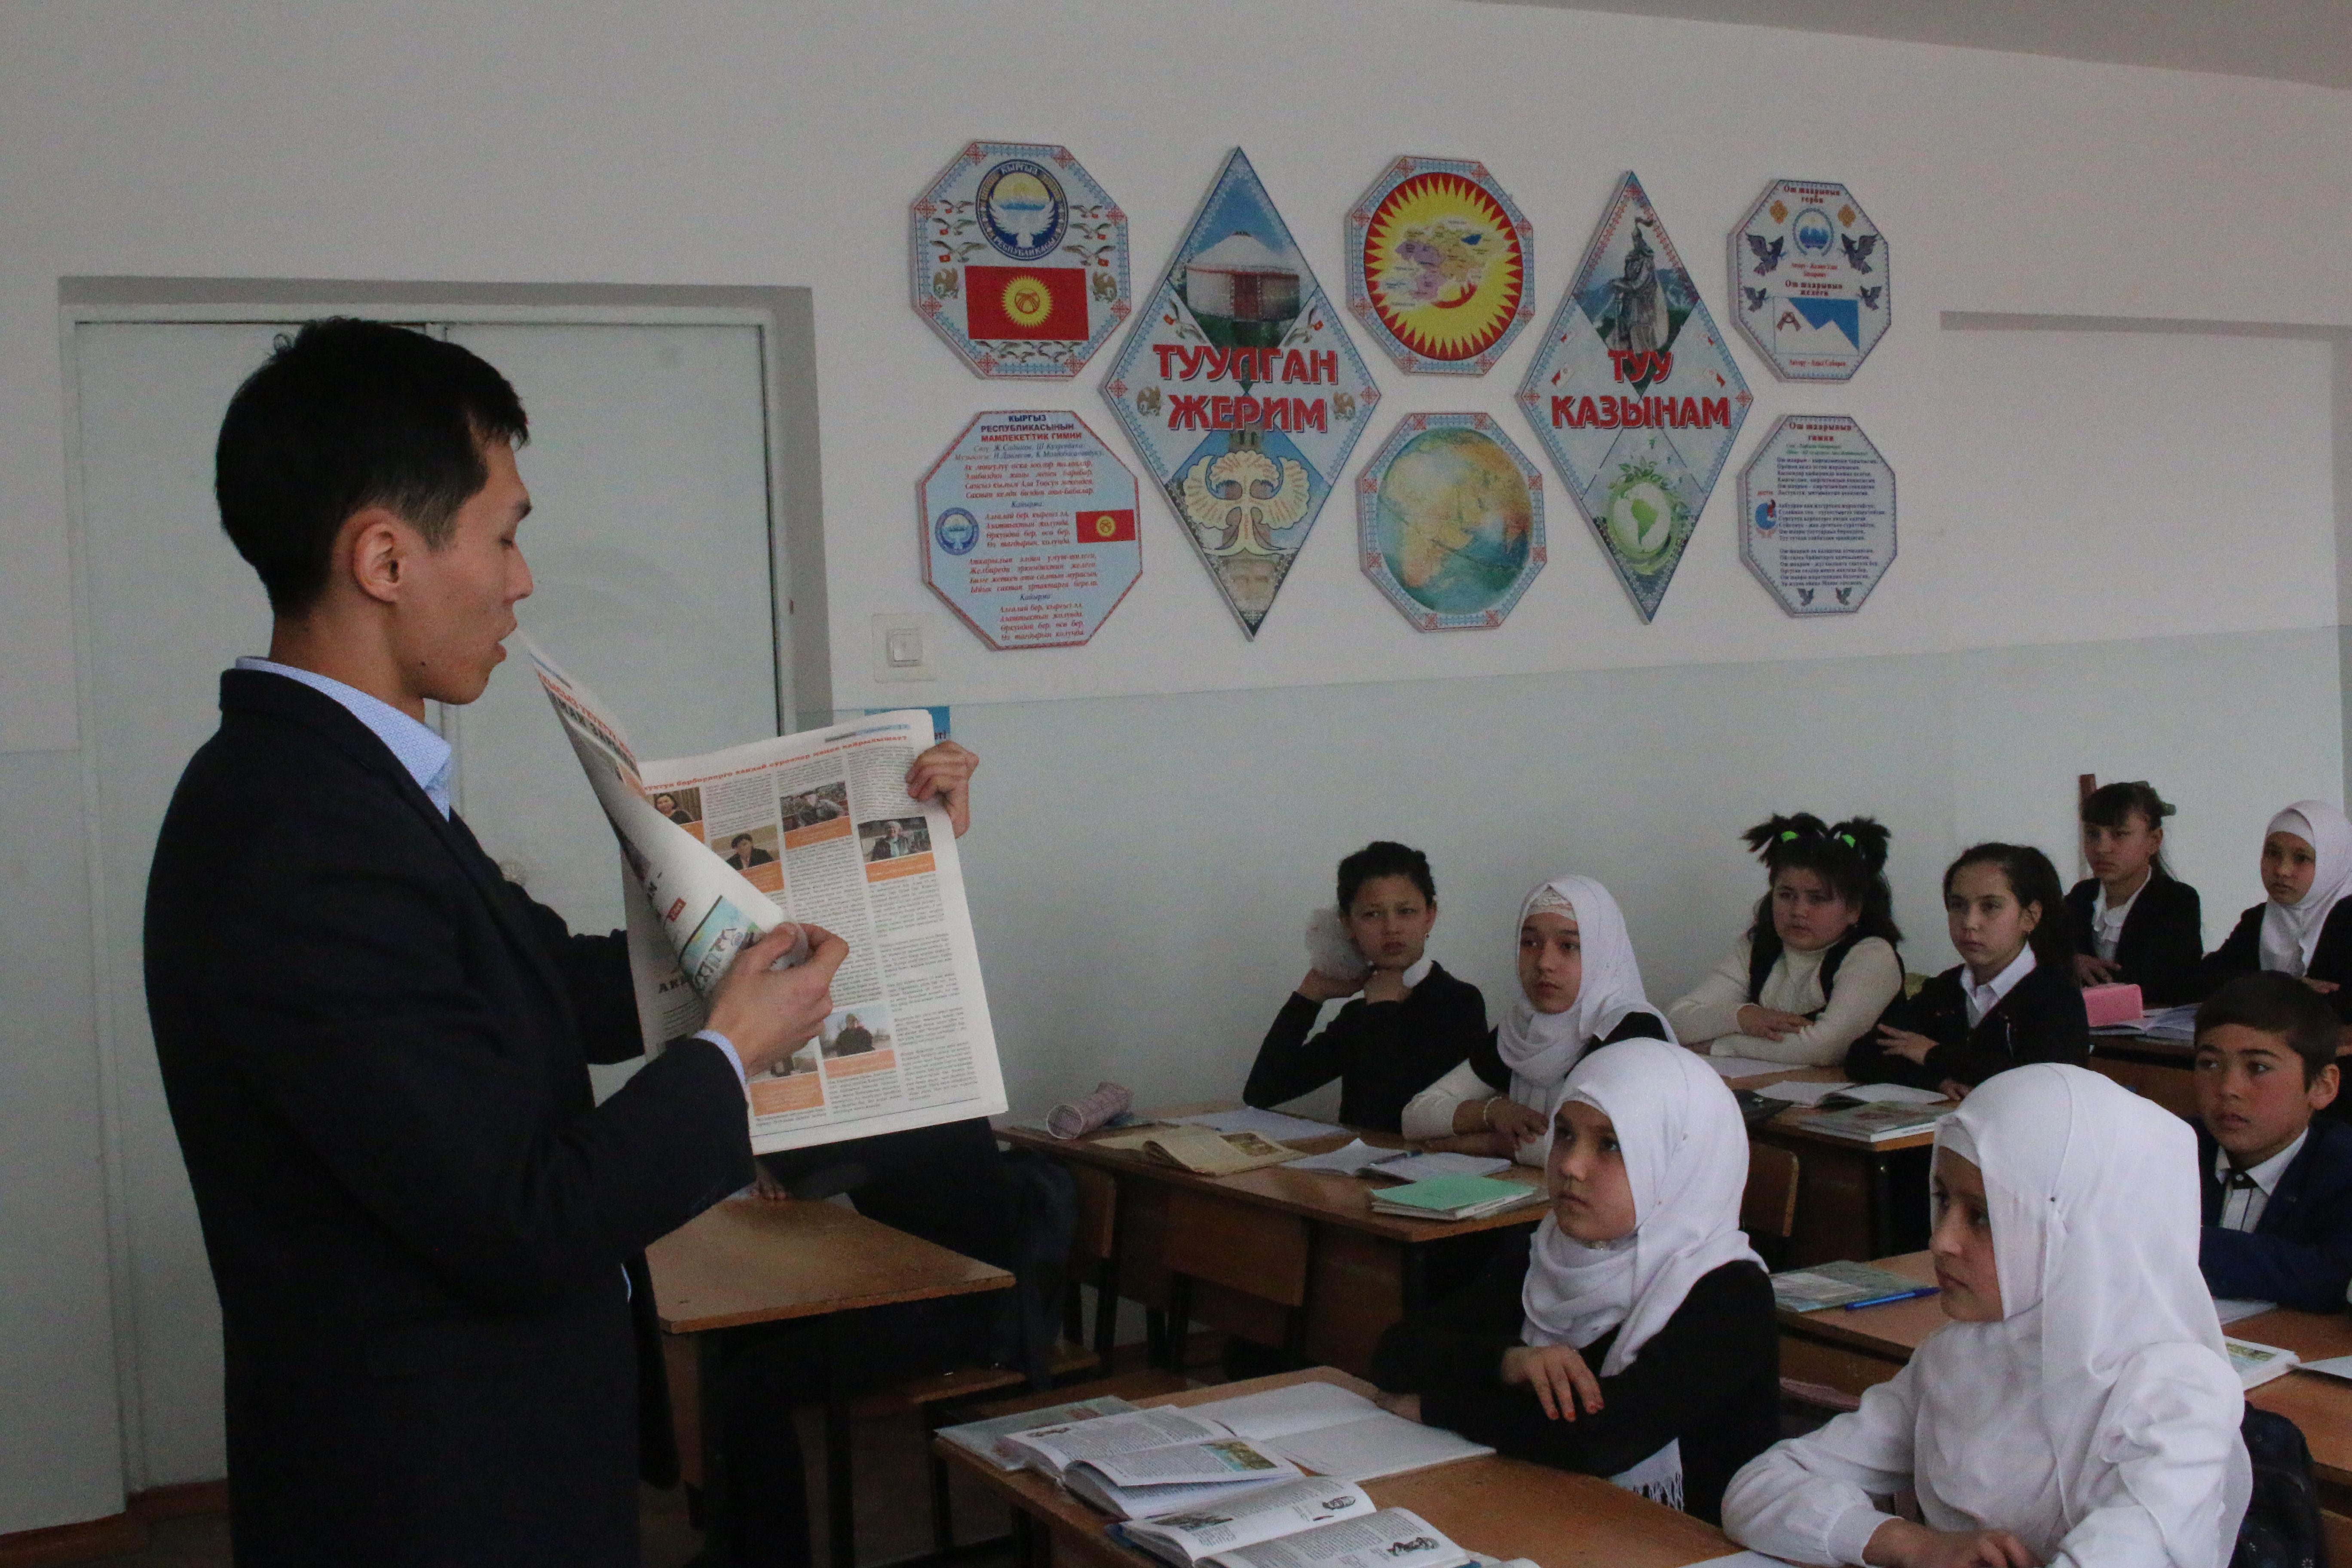 Специалист Управления юстиции Ошской области и города Ош провел лекцию ученикам школы-гимназии имени А. С. Пушкина